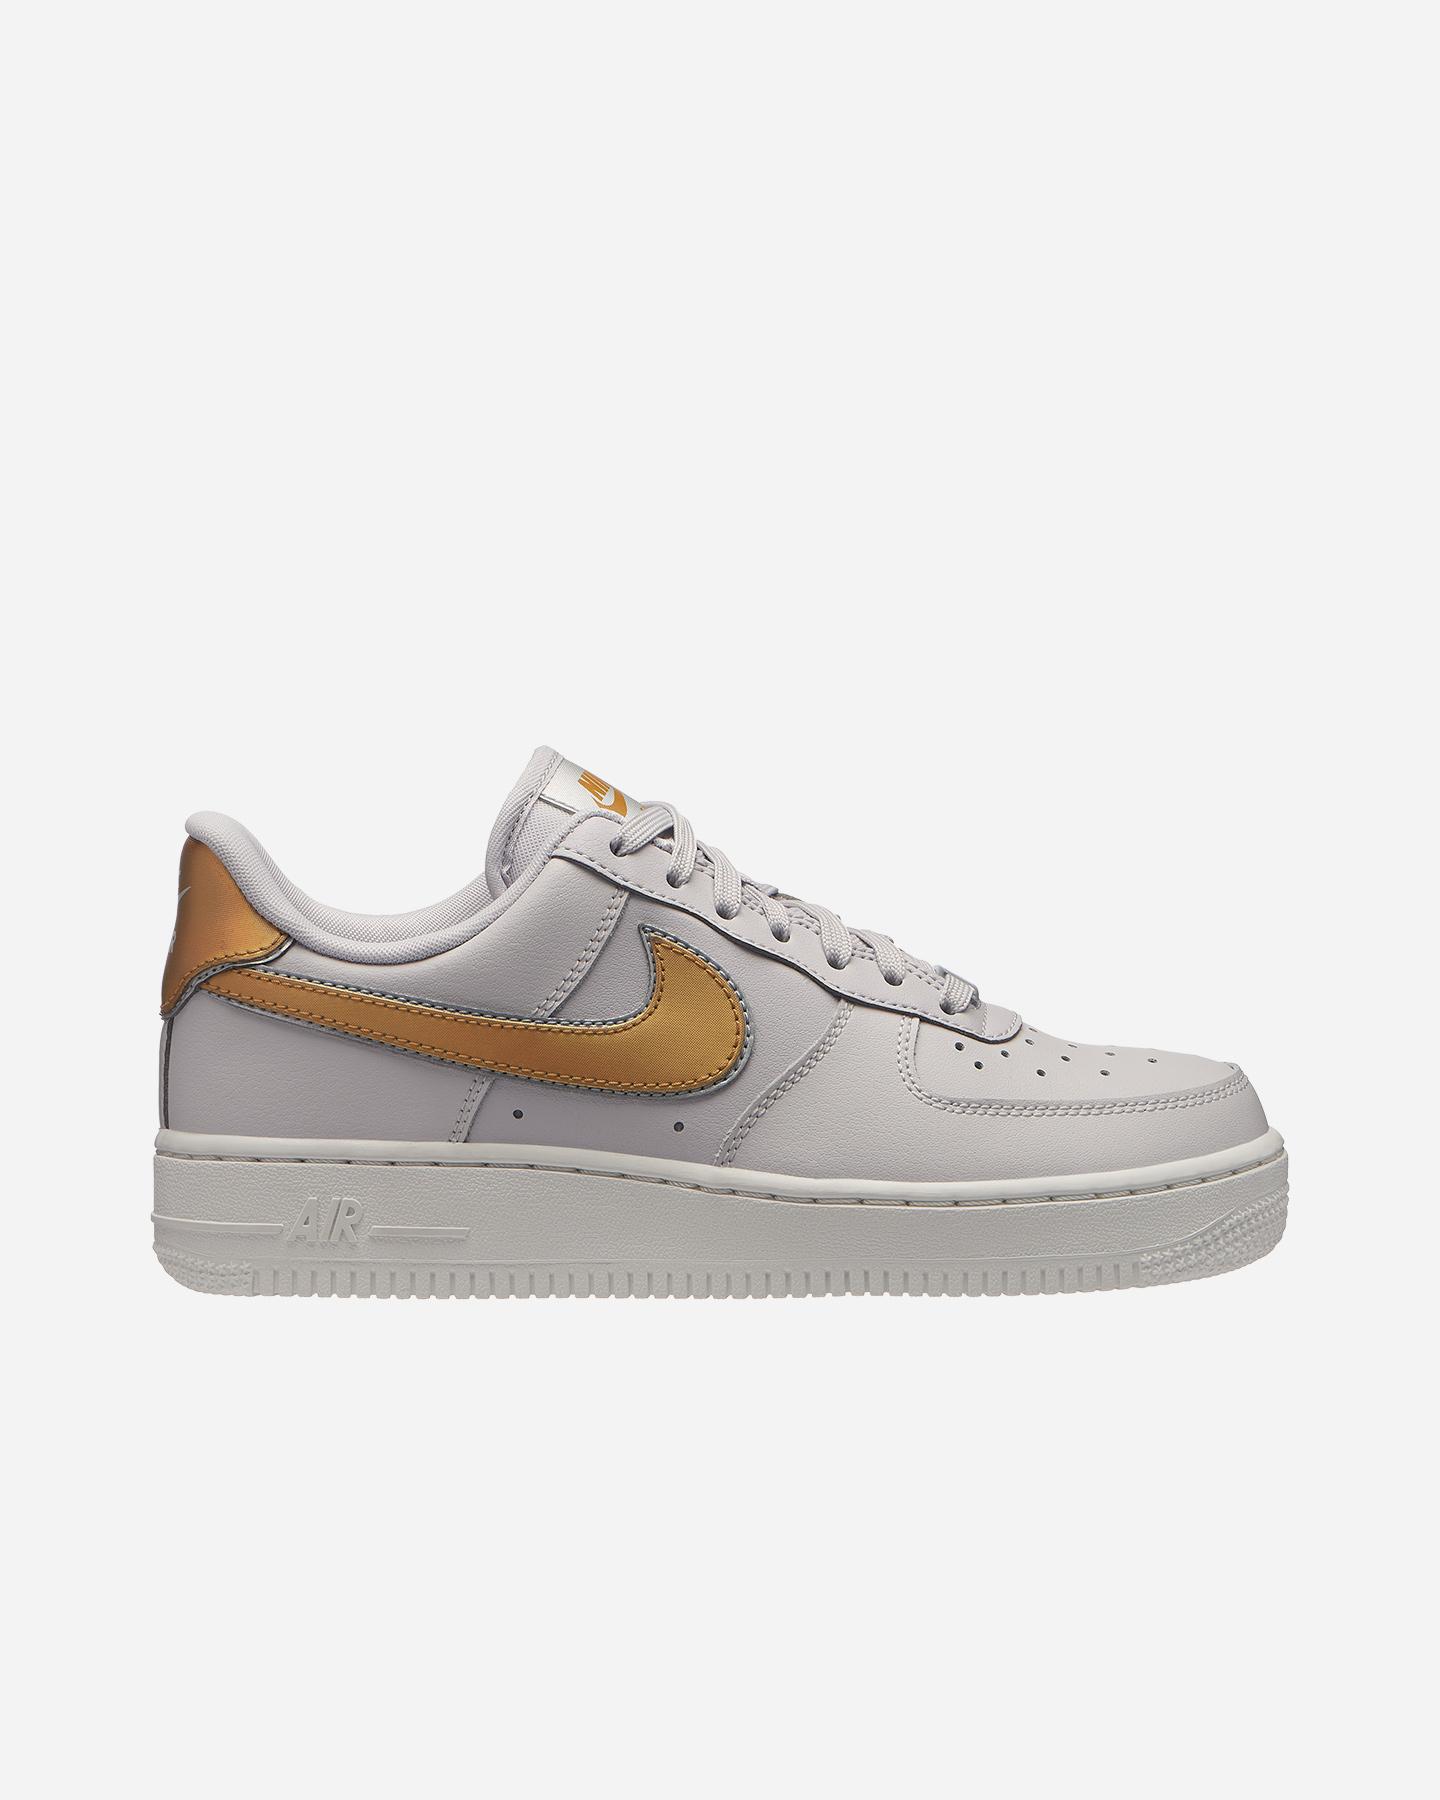 Force Scarpe 1 '07 Su Air W 001 Sneakers Metallic Nike Ar0642 xwqRC8E8